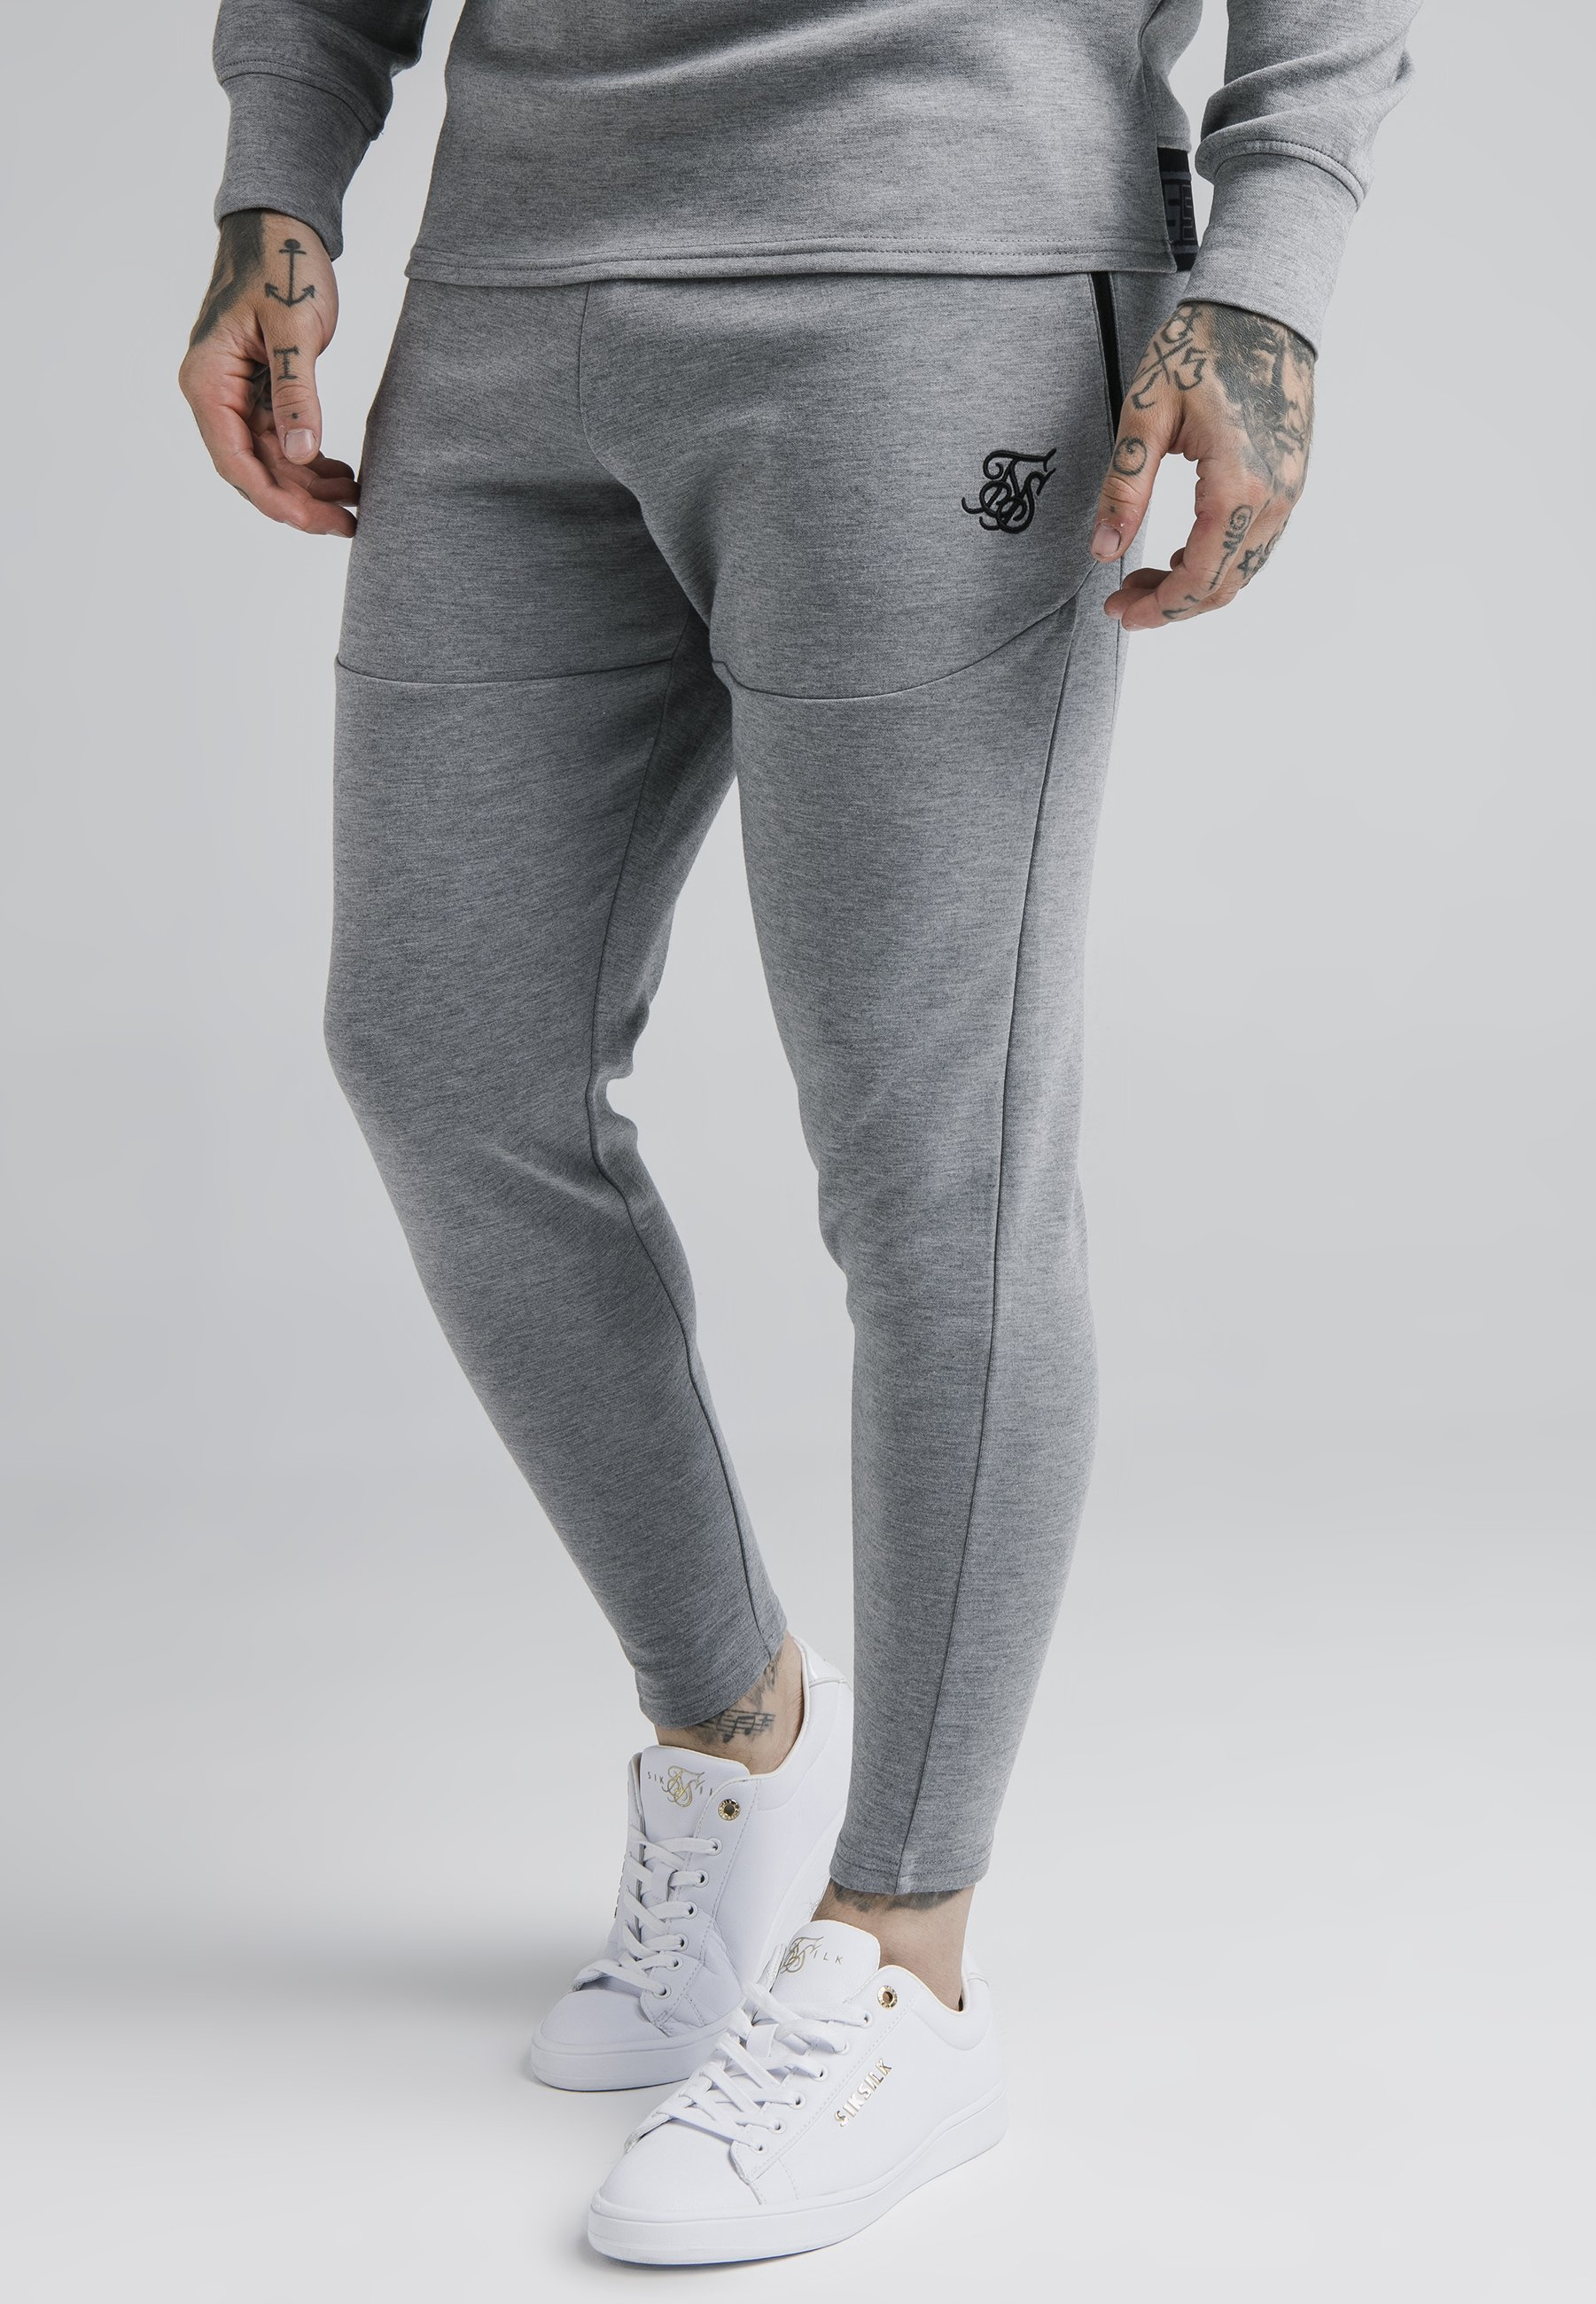 Homme EXHIBIT FUNCTION PANTS - Pantalon de survêtement